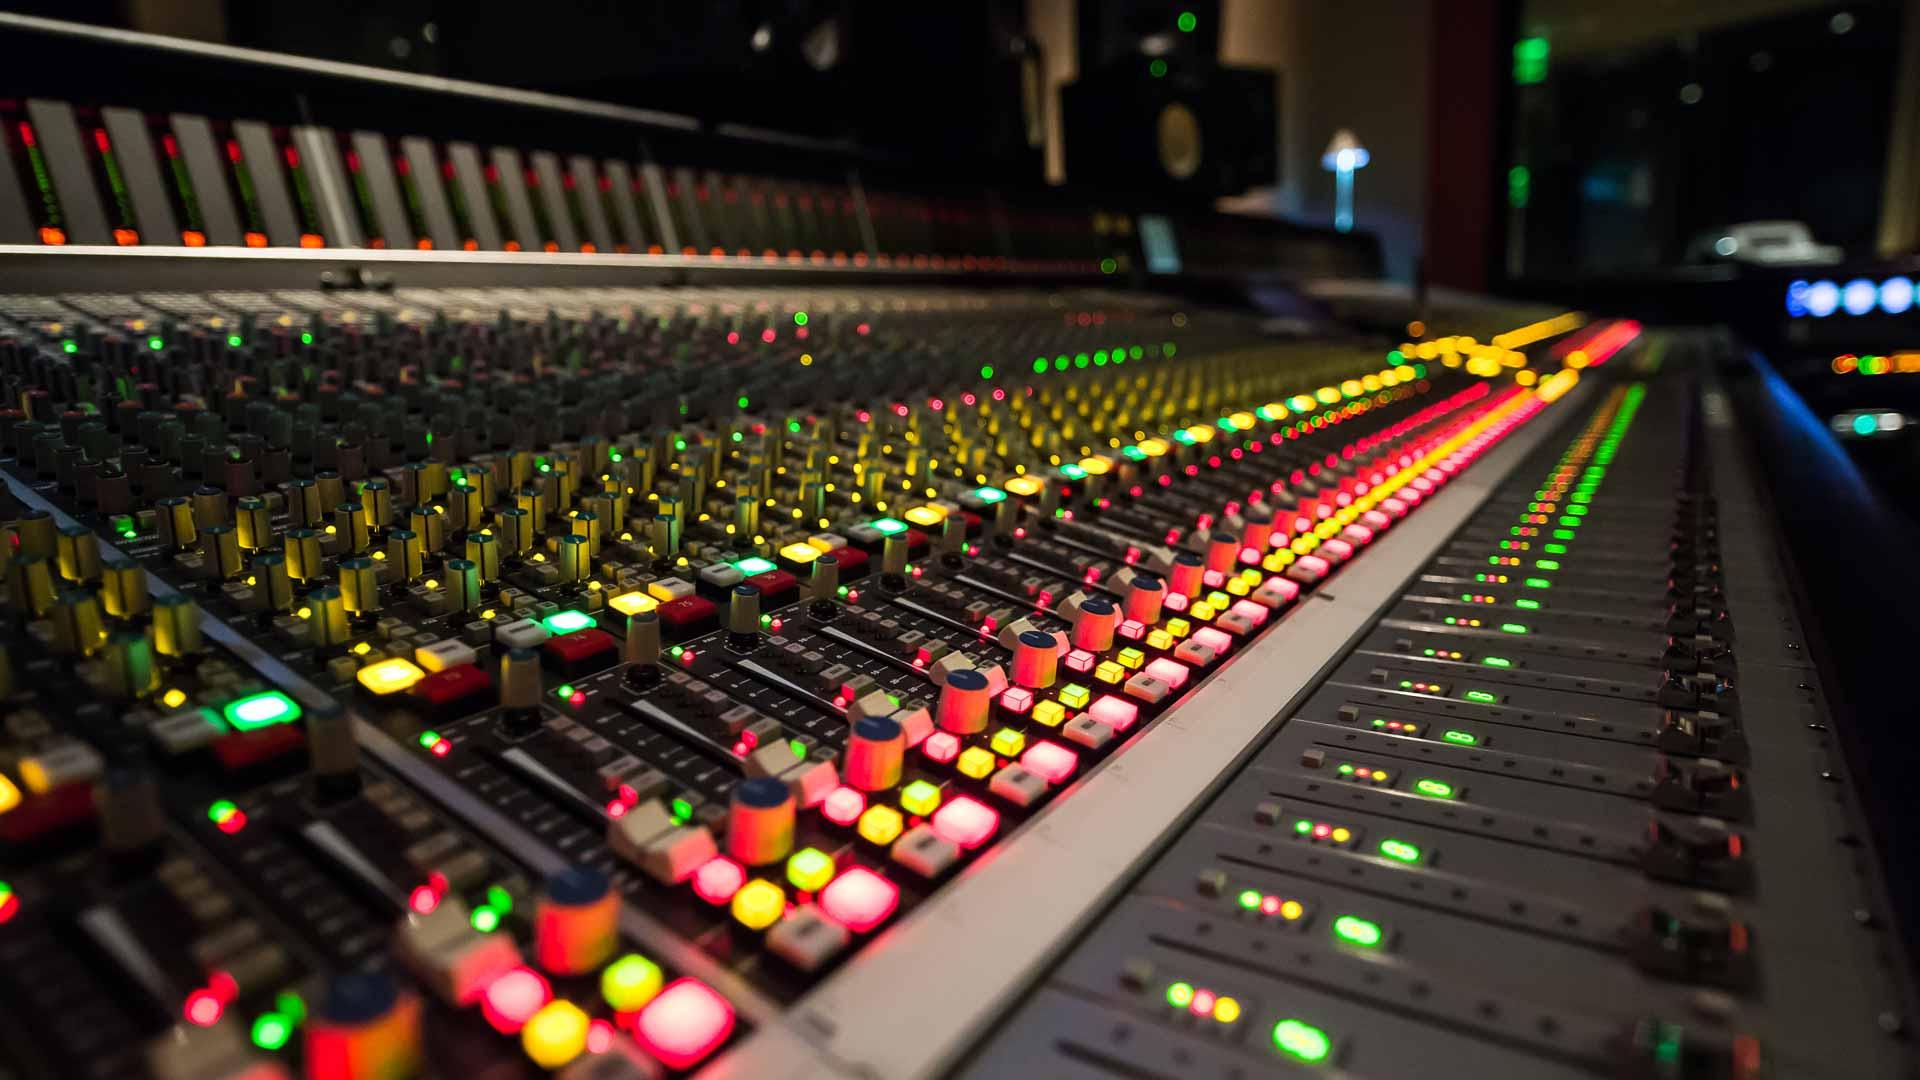 Studio HD Wallpapers   Top Studio HD Backgrounds 1920x1080